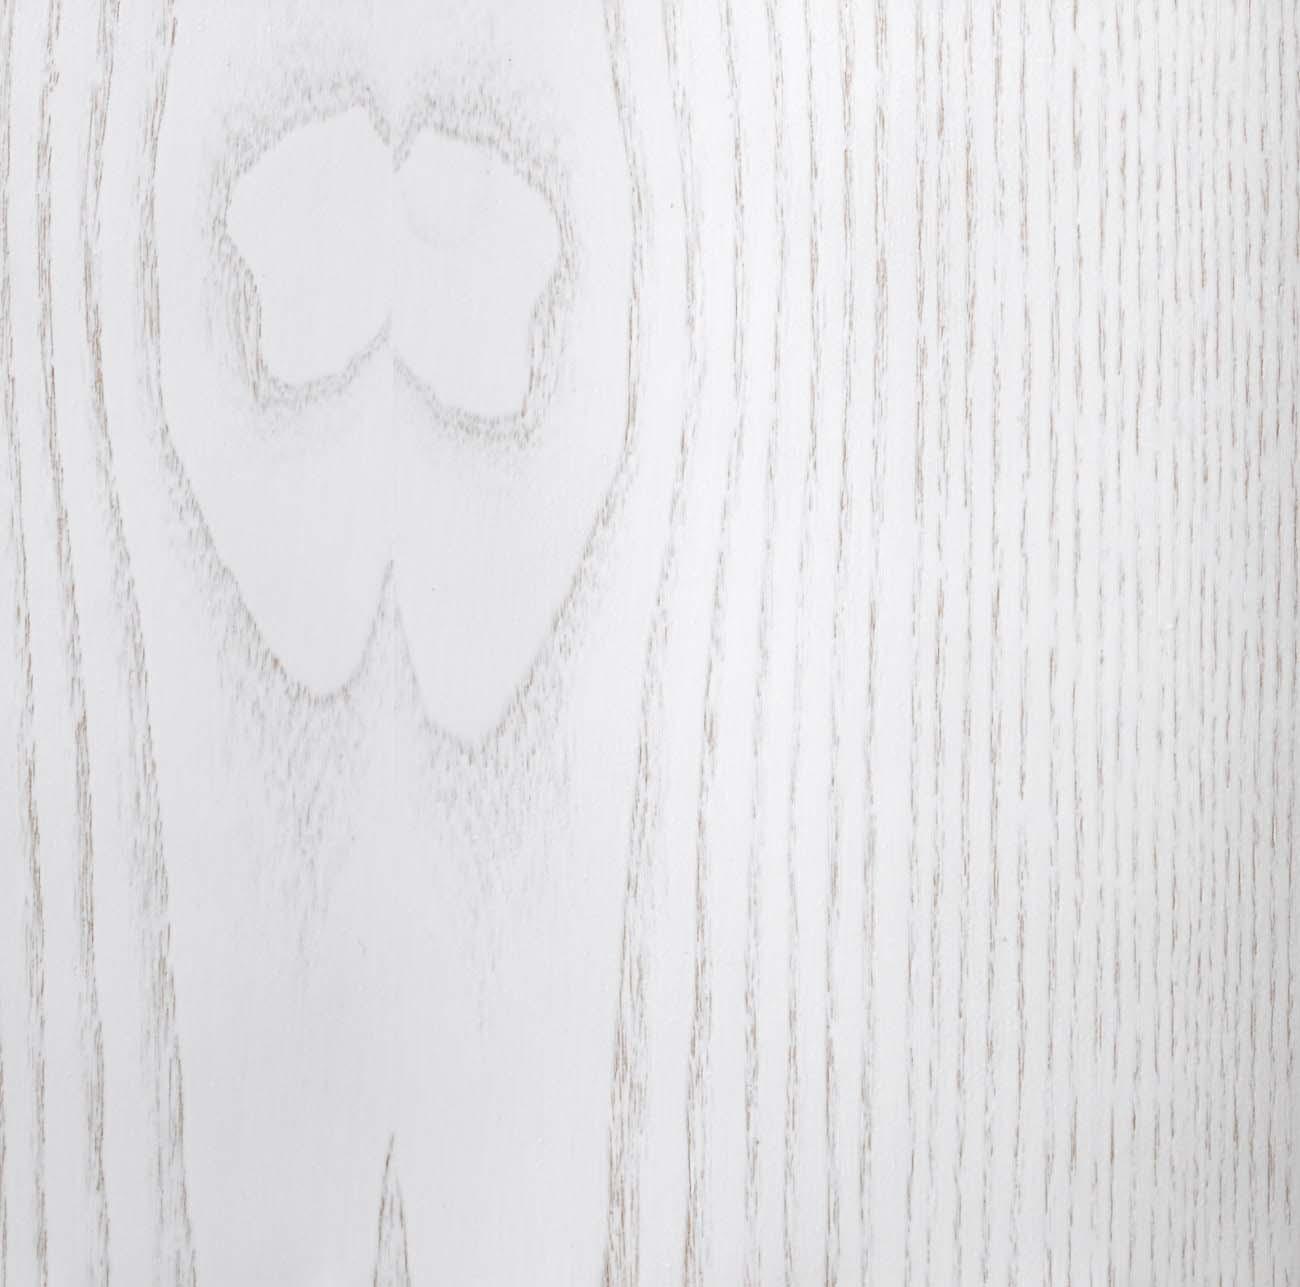 Colori per mobili colori mobili in bamb arredamento giunco decor rattan tinto furniture colori - Mobili legno bianco anticato ...